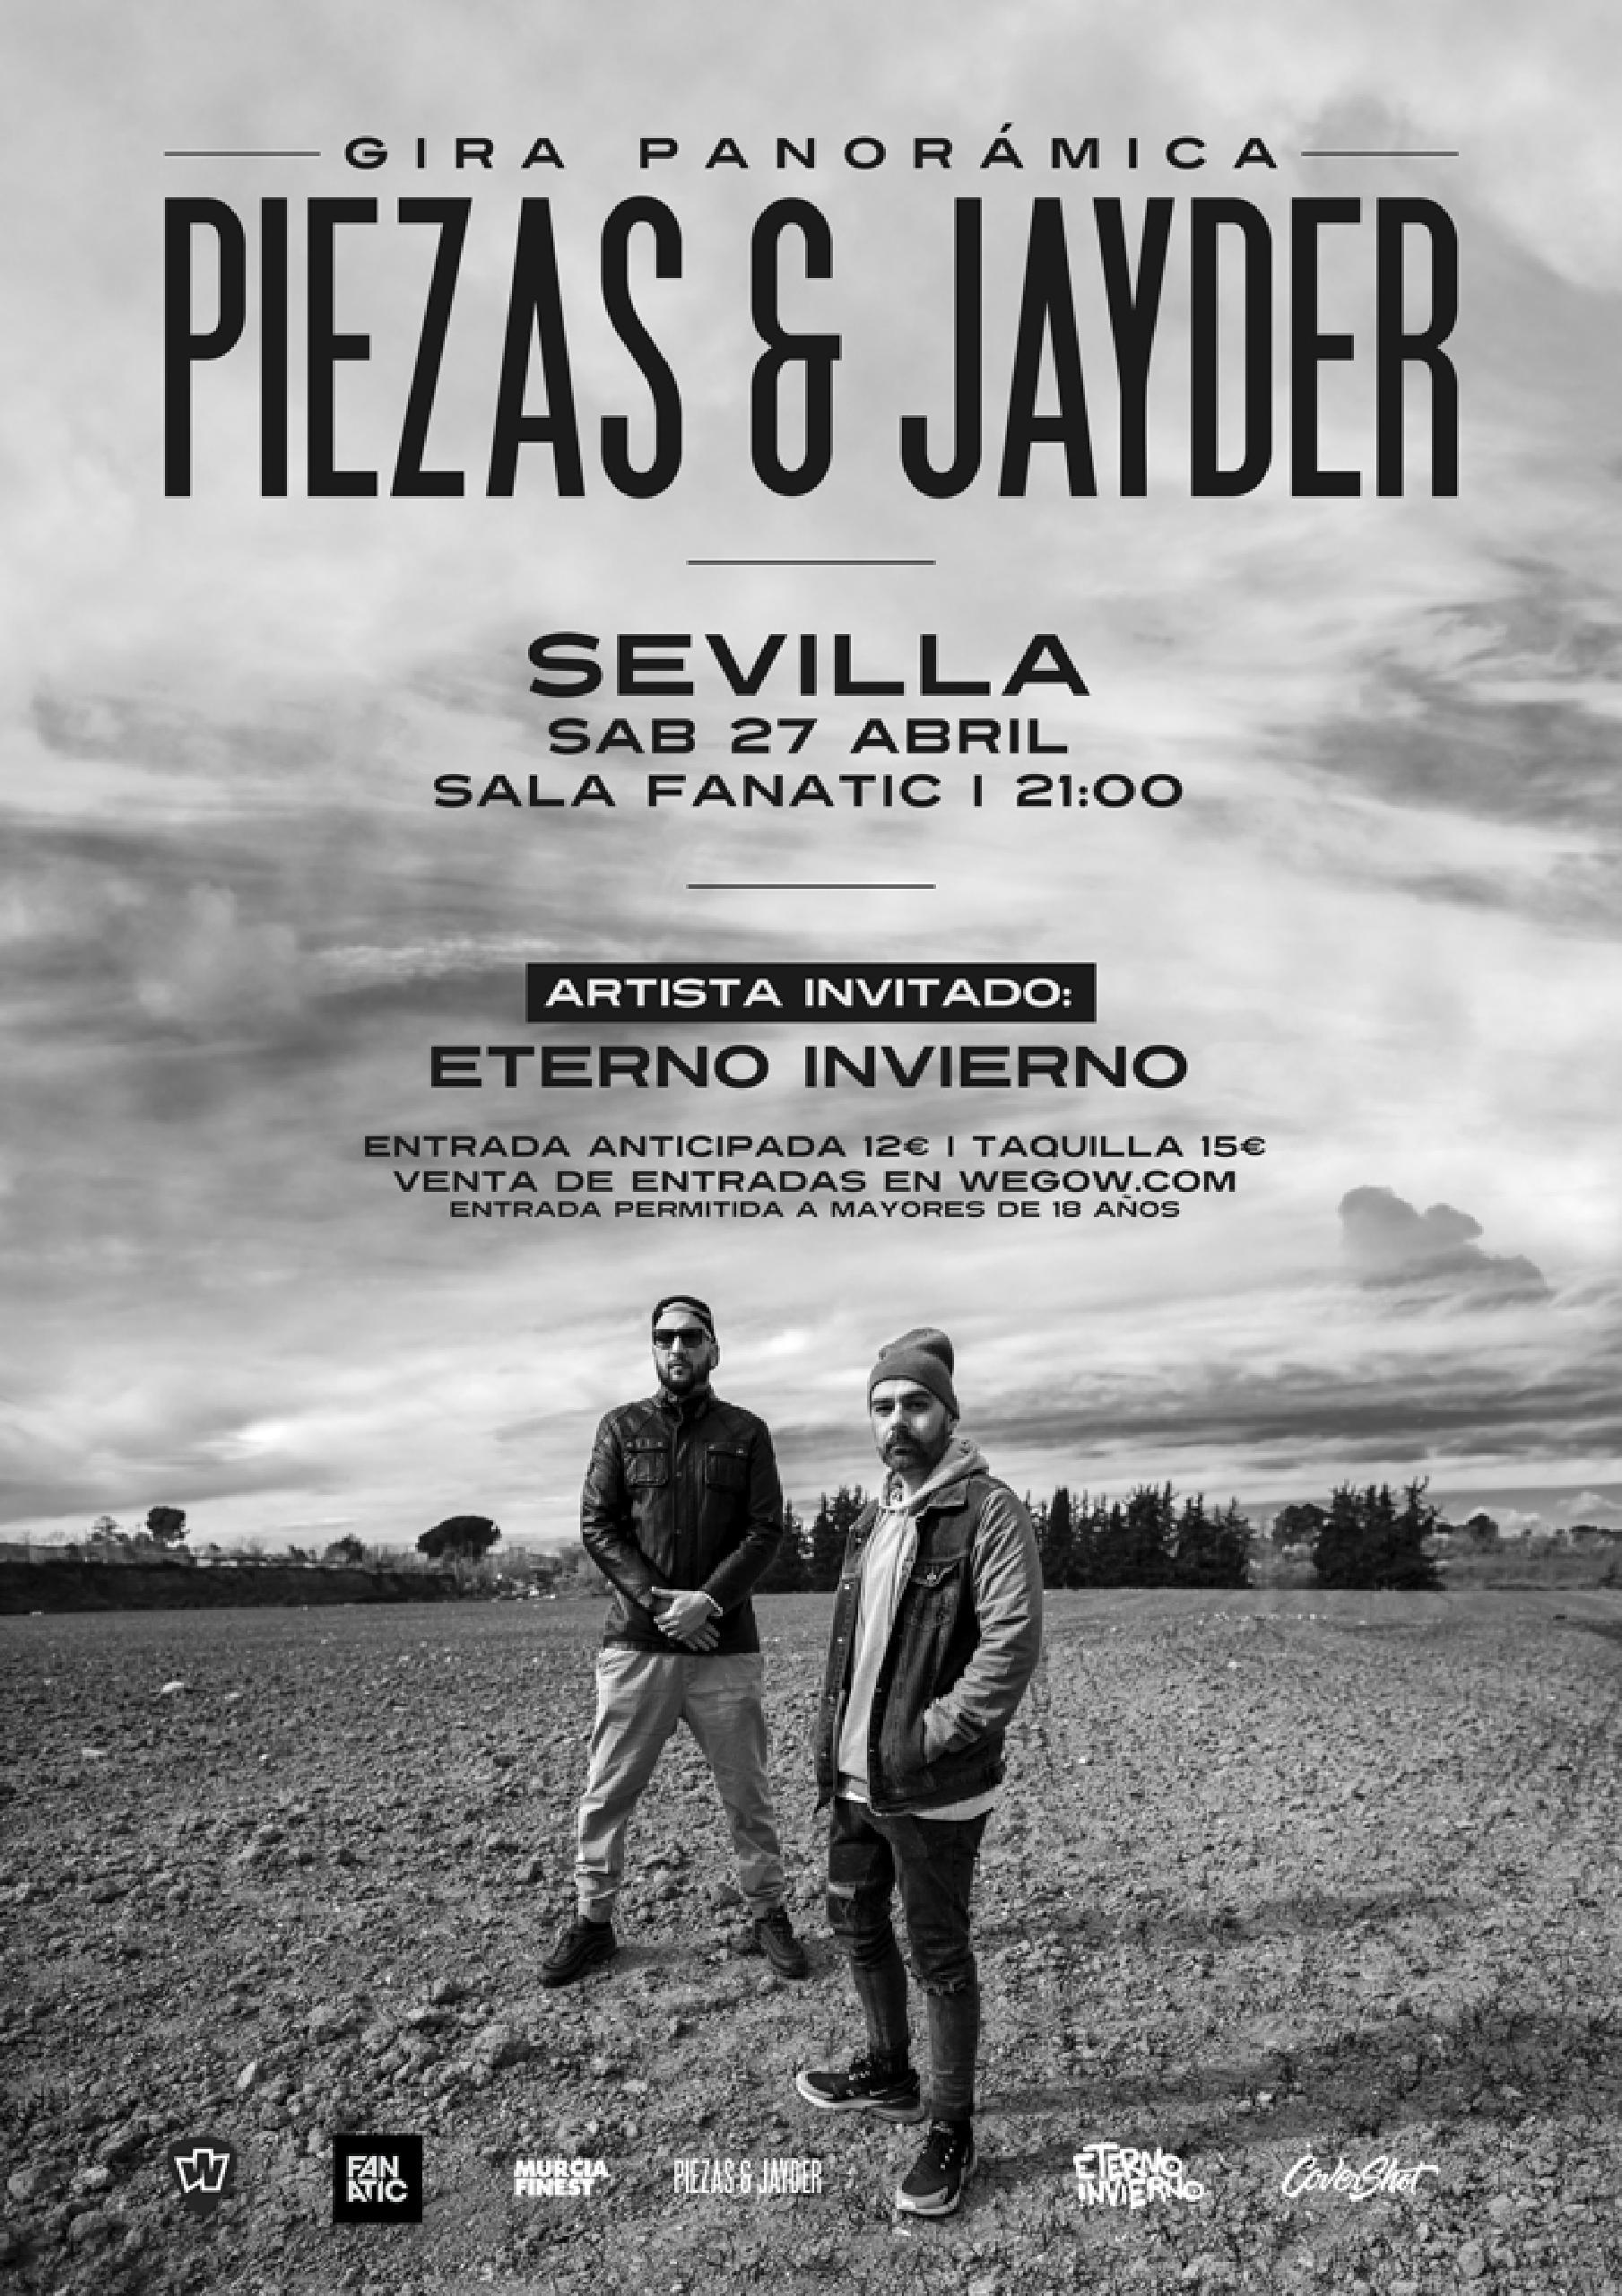 Piezas & Jayder en Sevilla